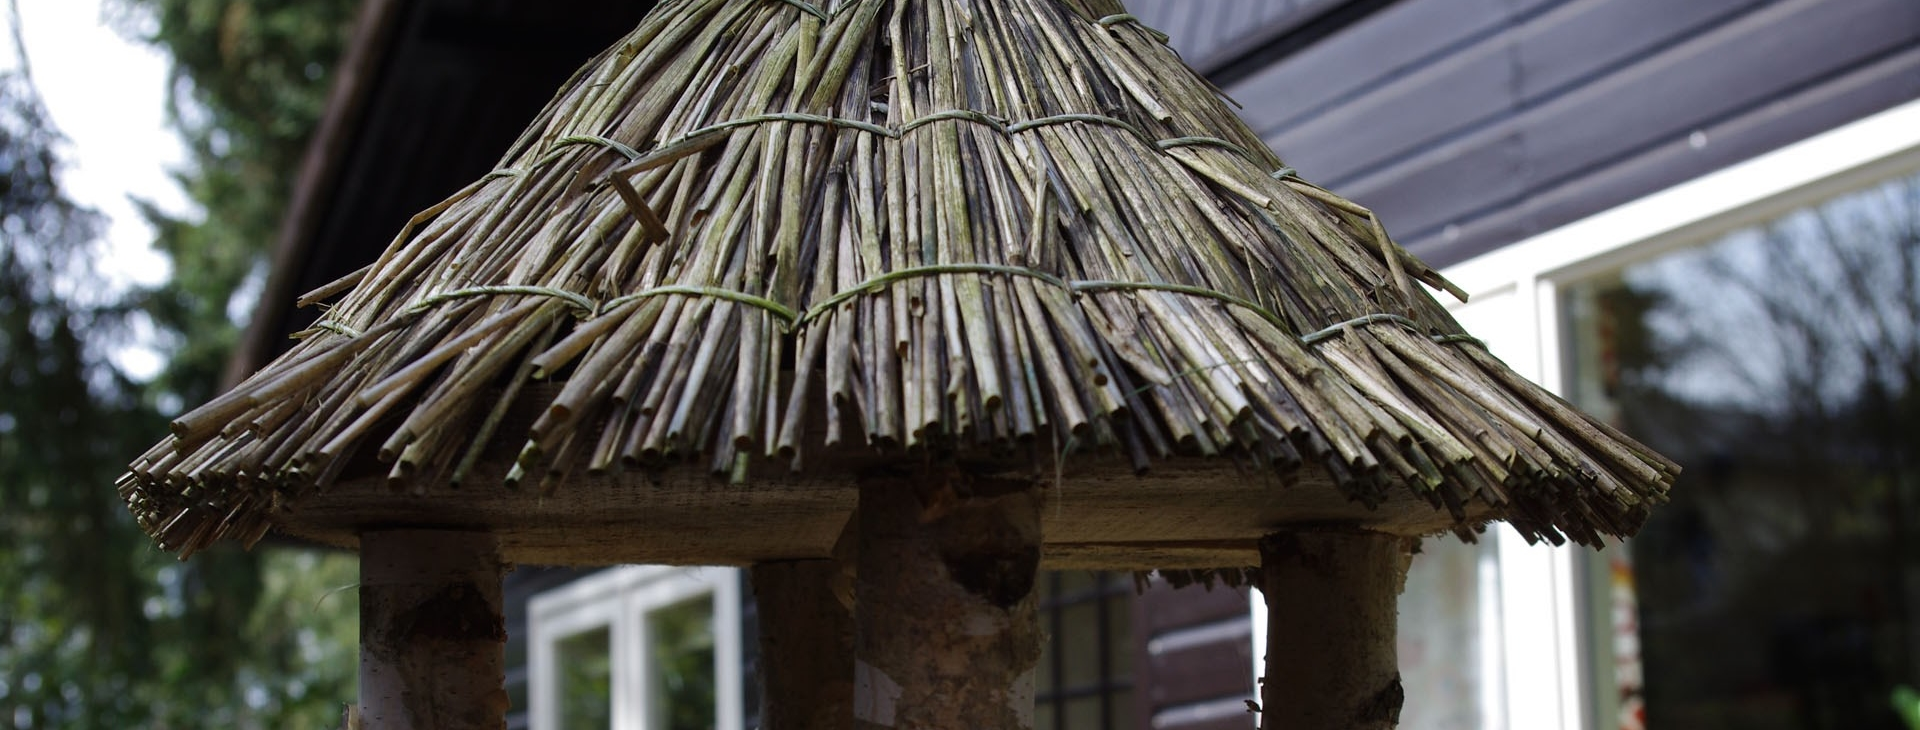 slider-het-kleine-huisje-op-de-veluwe-720-vogelzang